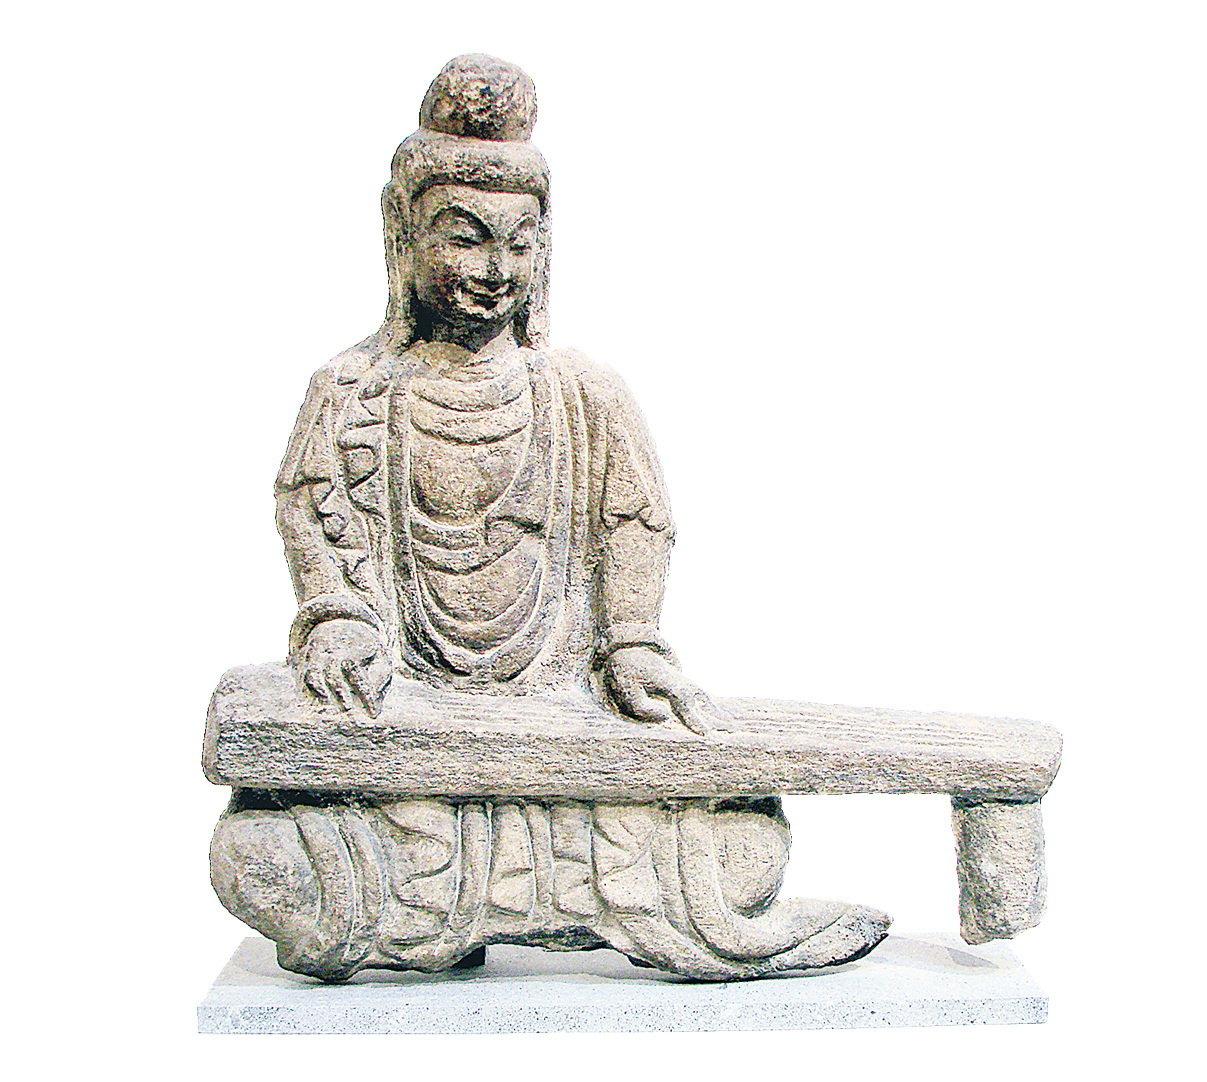 北魏時代的撫琴石佛像,出土於山西,藏於巴黎吉美國立亞洲藝術博物館。(公有領域)